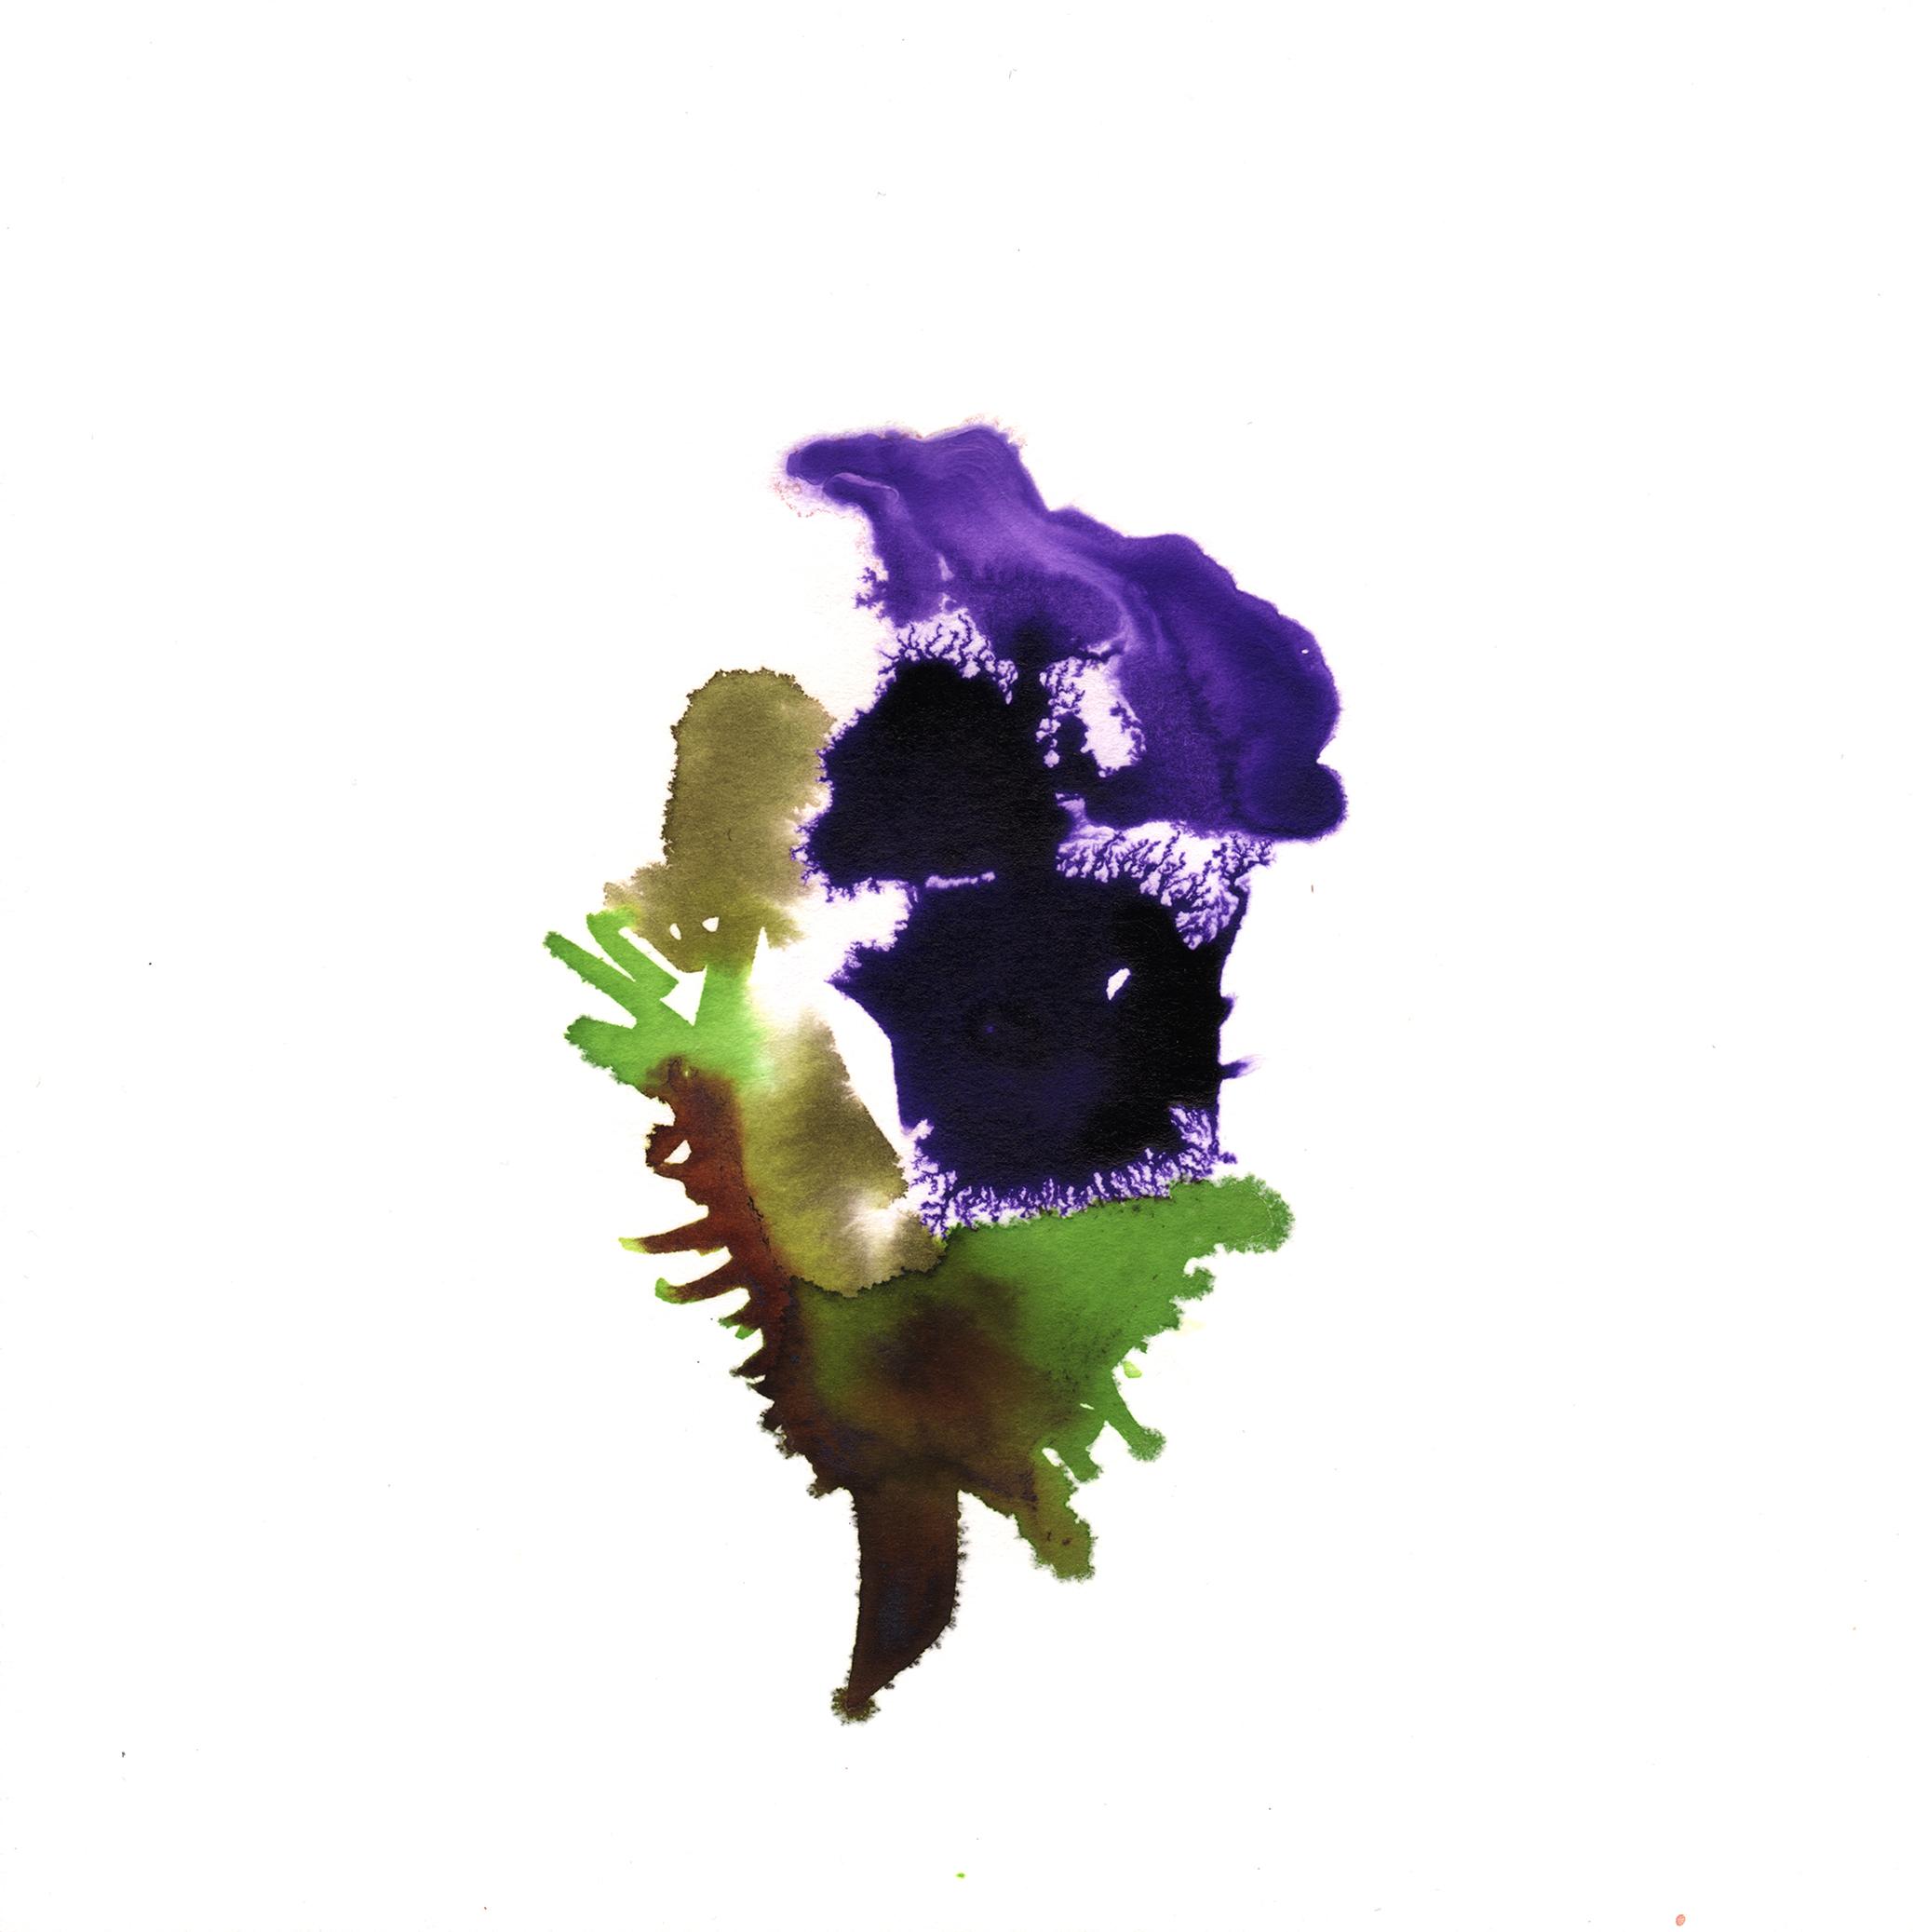 313.Poppy.12.18.14.jpg